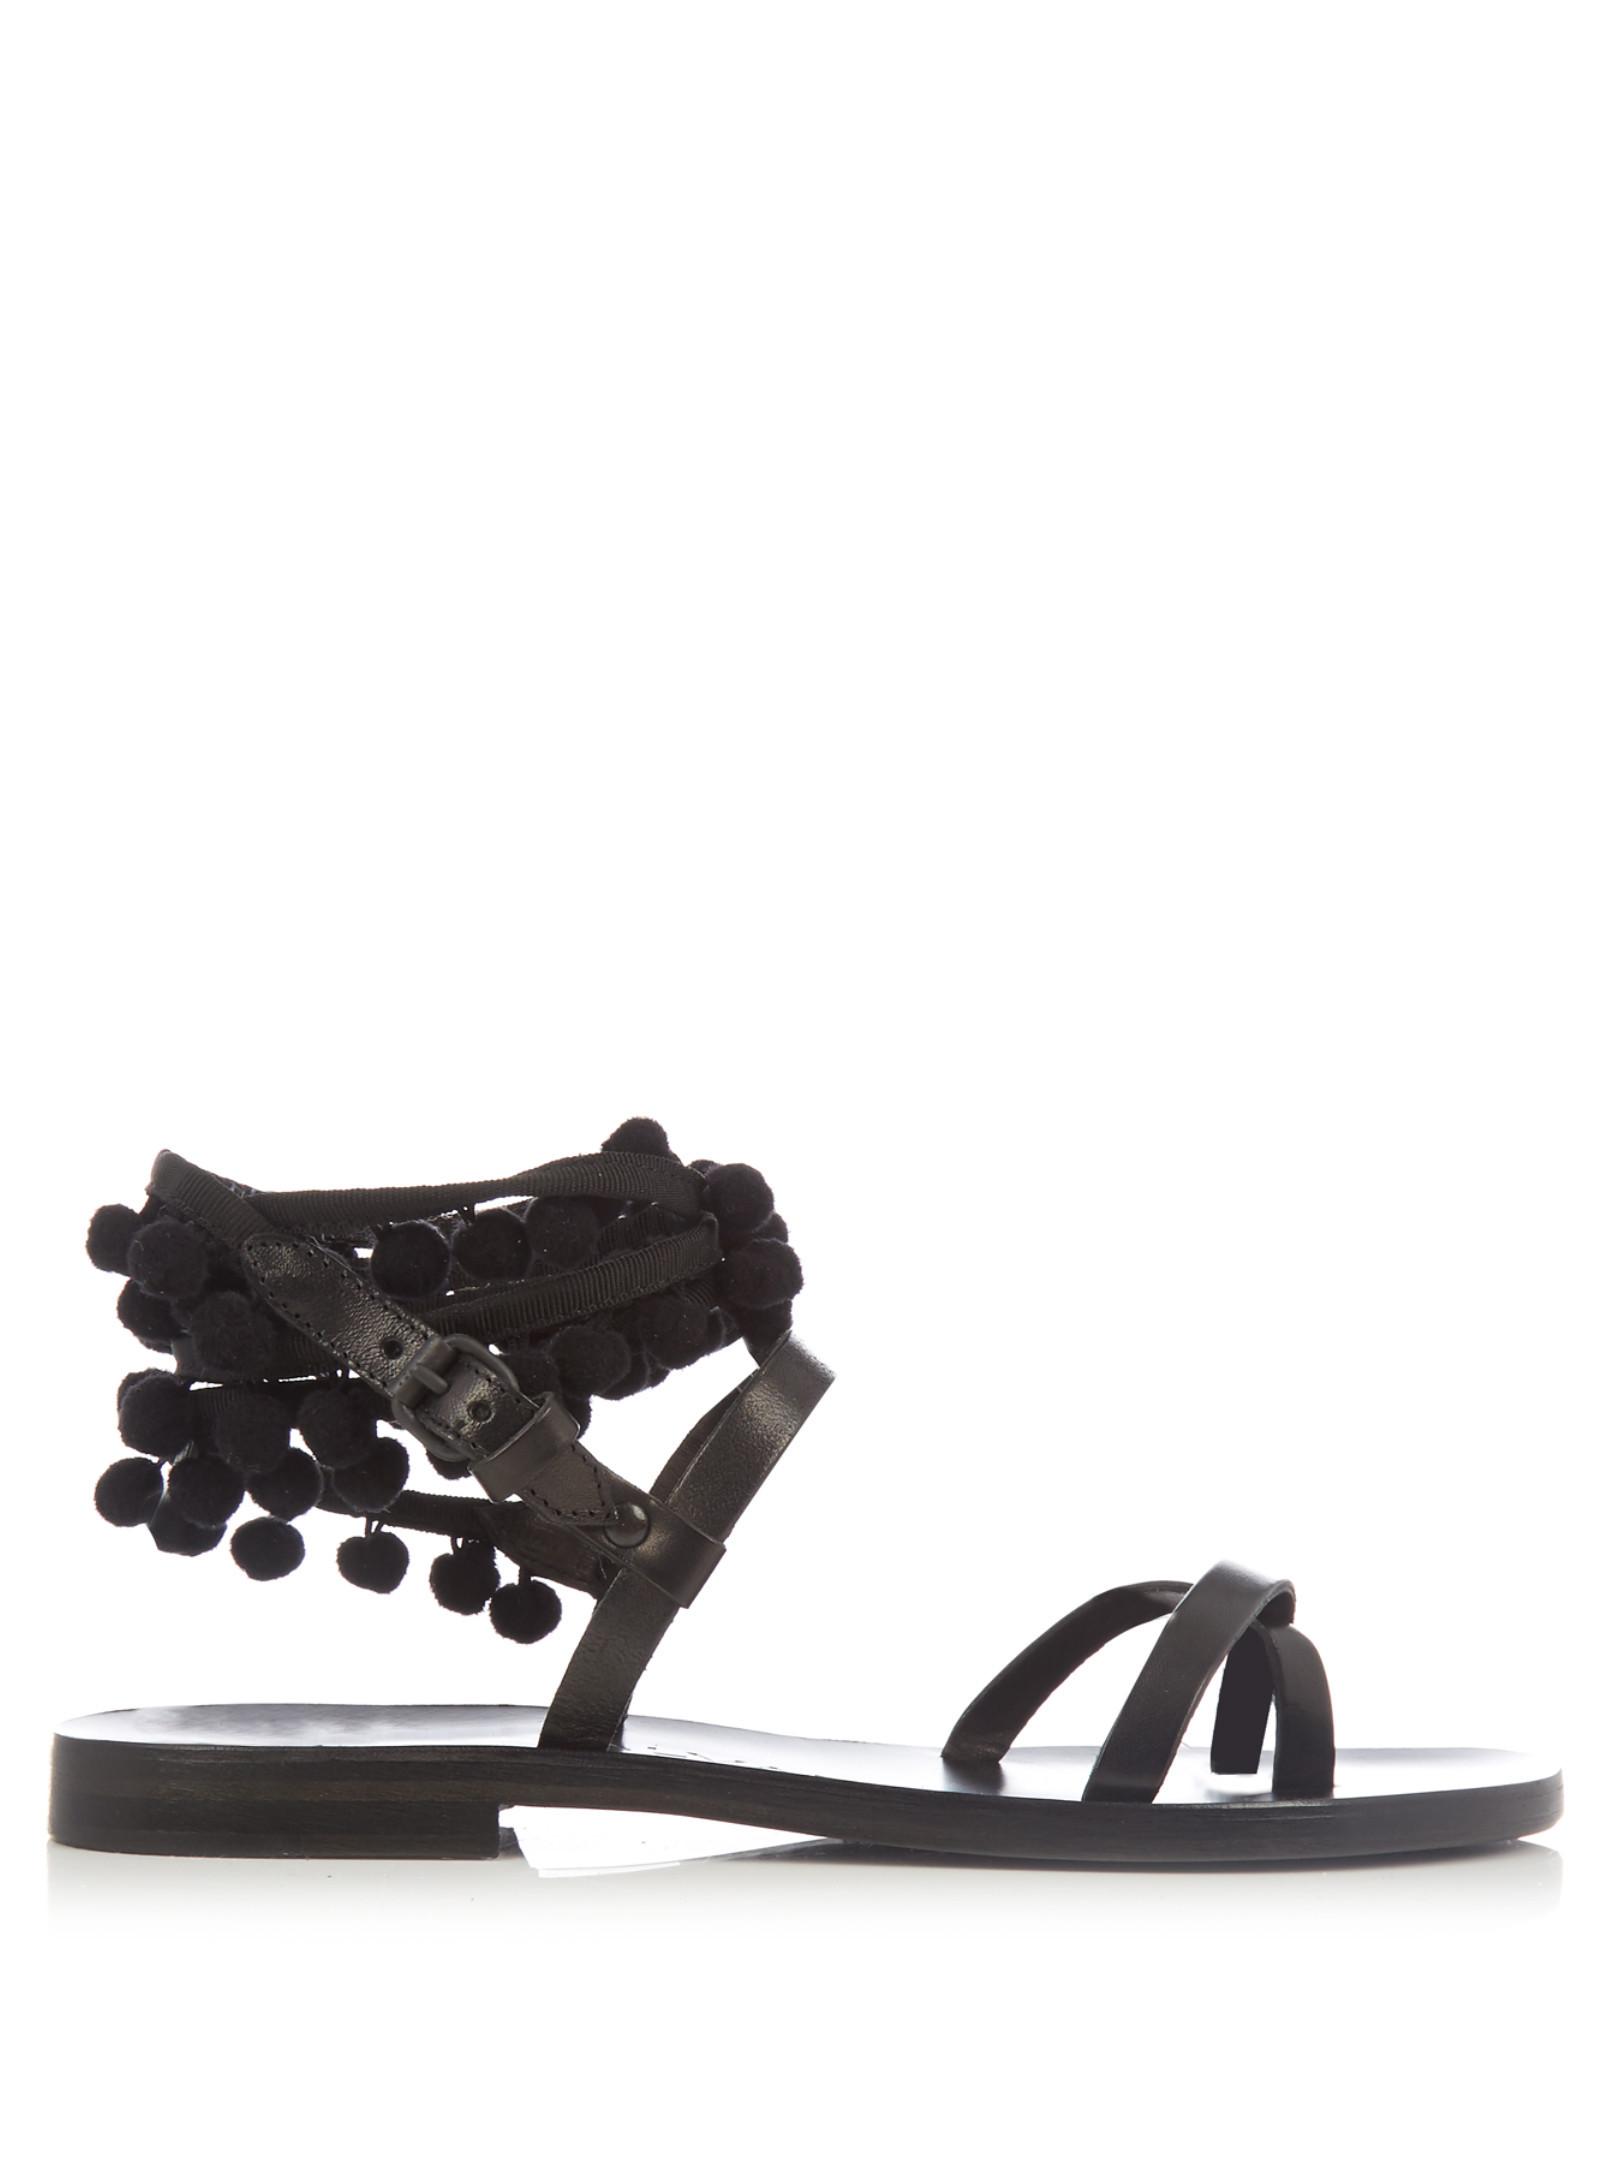 Anna pompom-embellished leather sandals